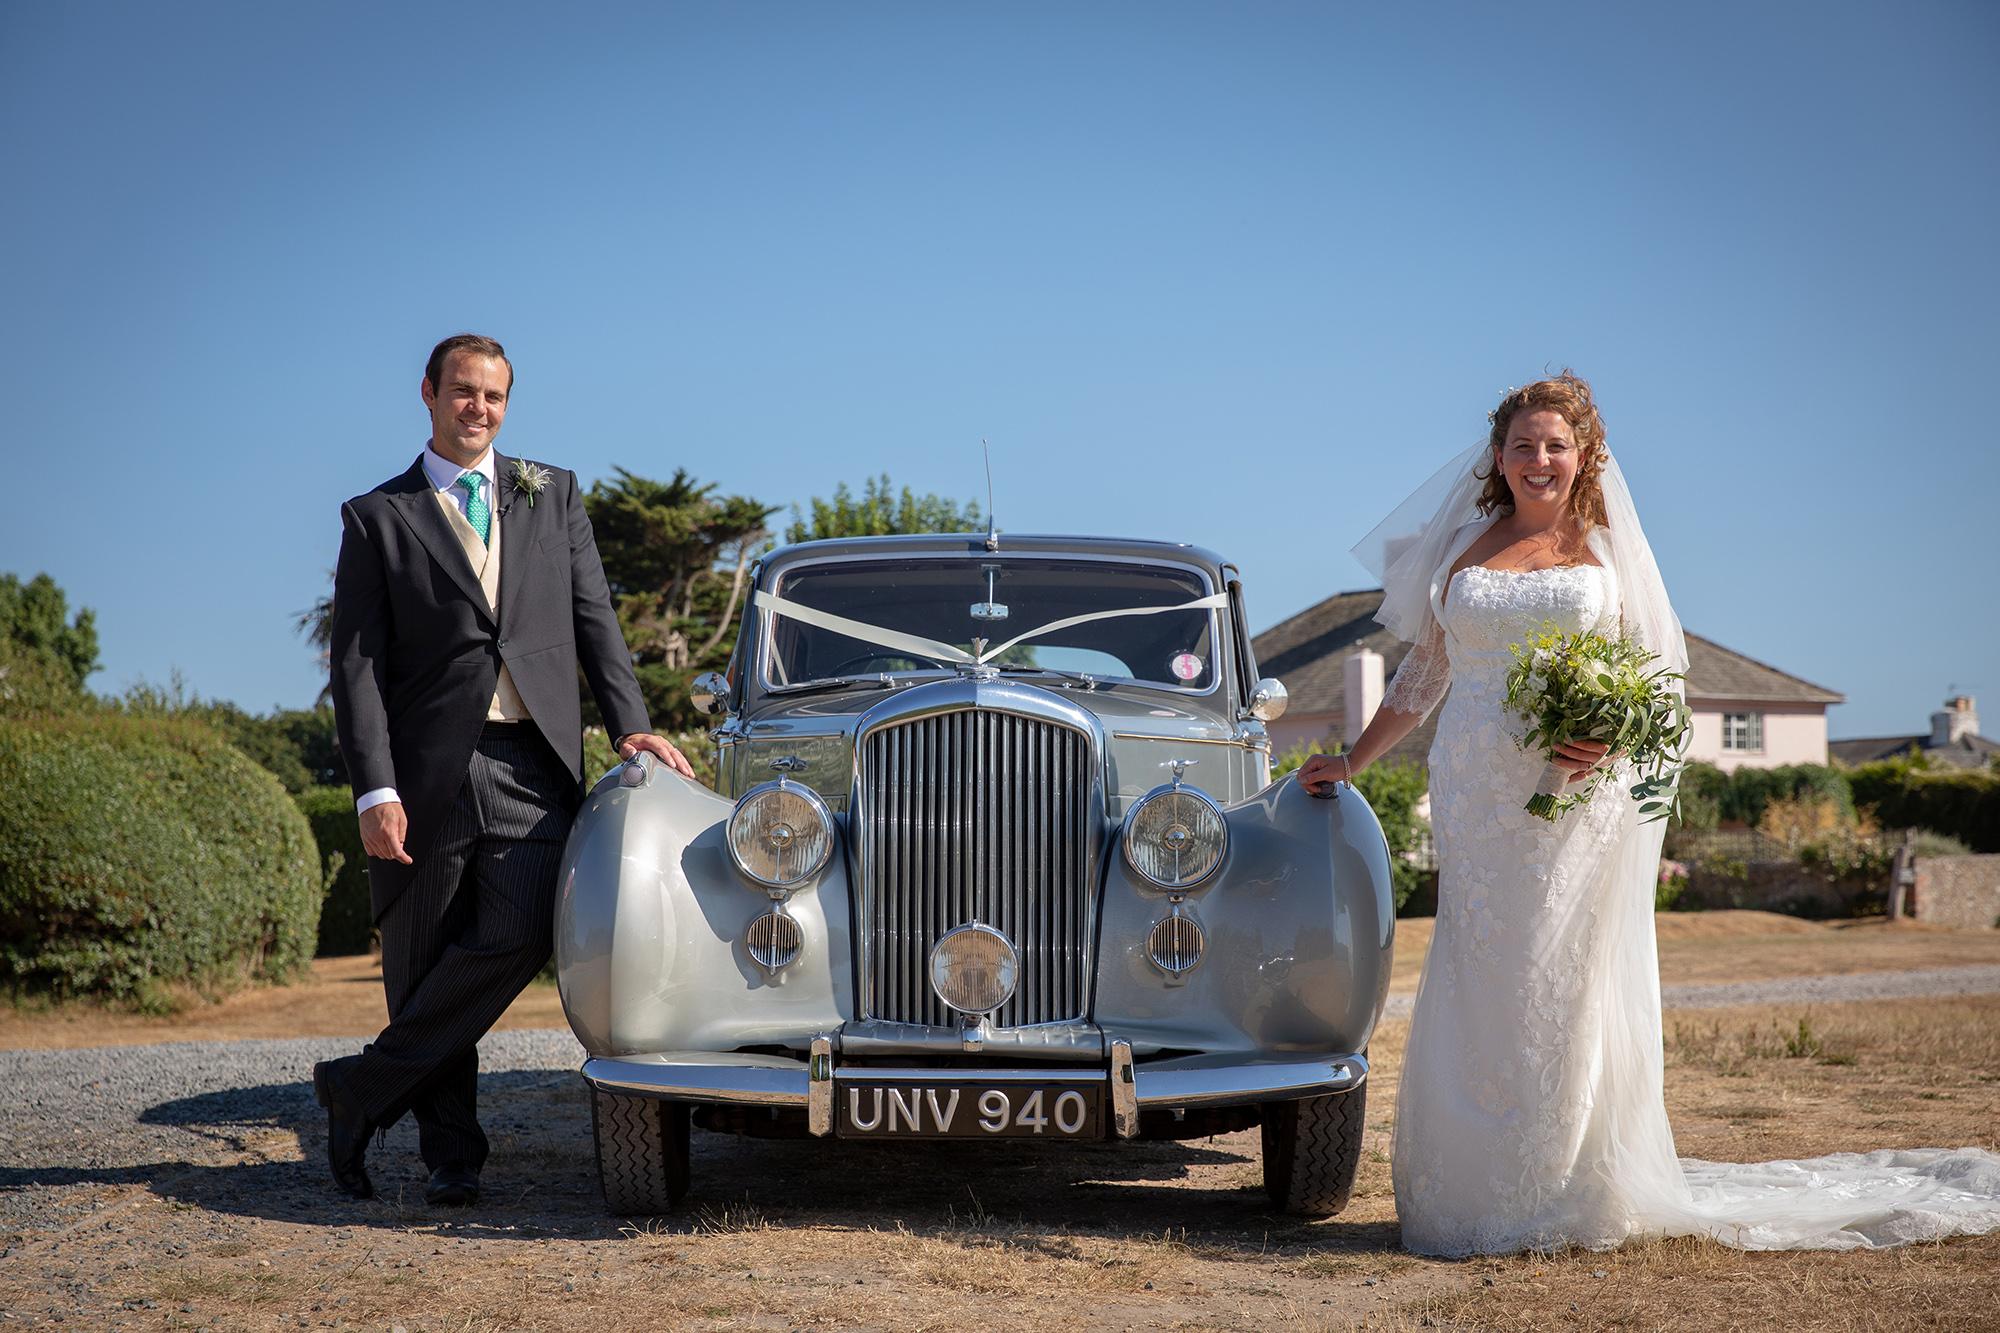 chichester_photographer_wedding_38.jpg